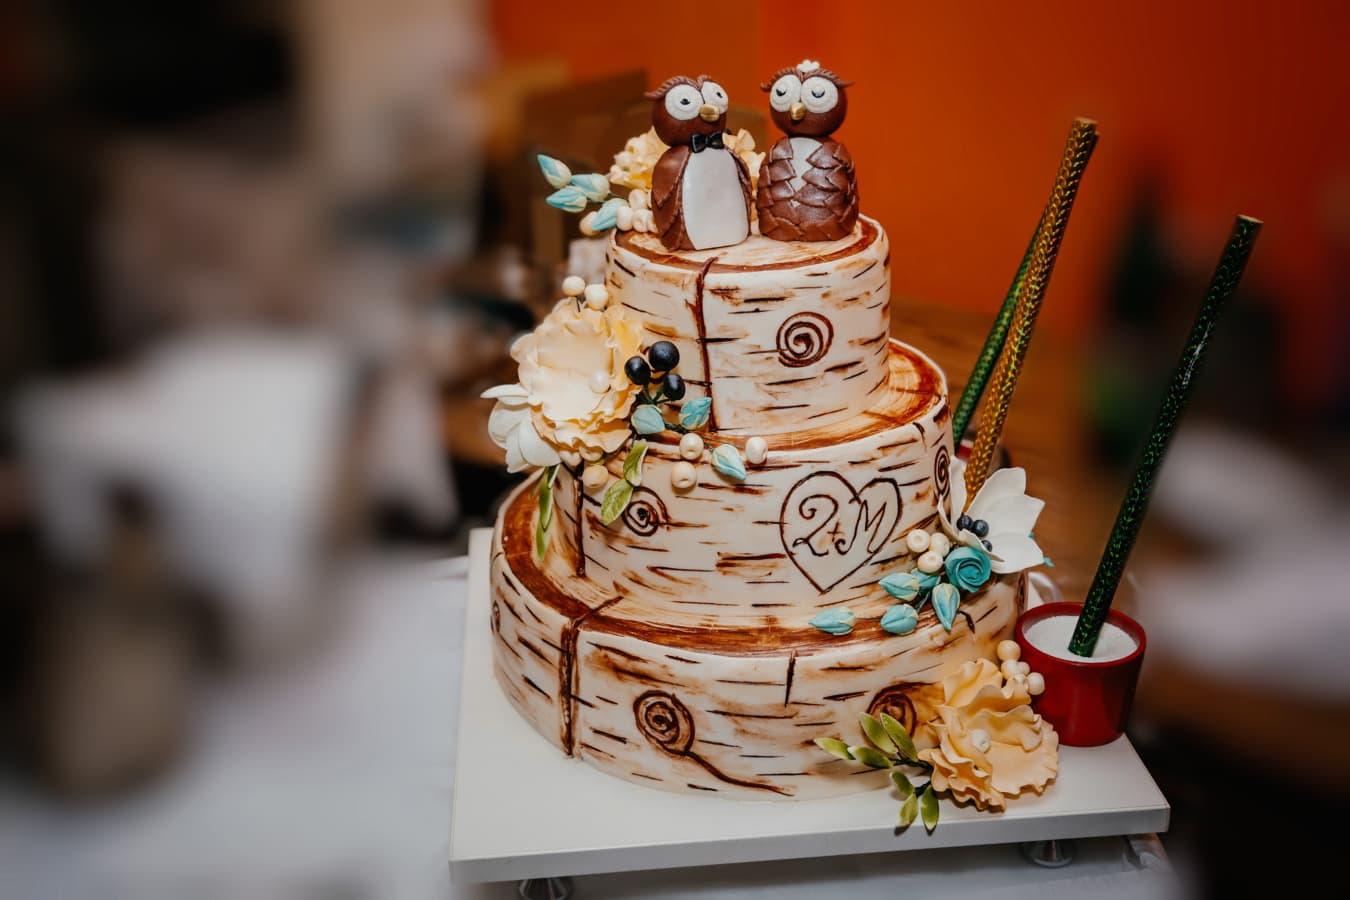 партія, торт, Пінгвін, мініатюрні, прикраса, шоколад, крем, їжа, Цукор, солодкий